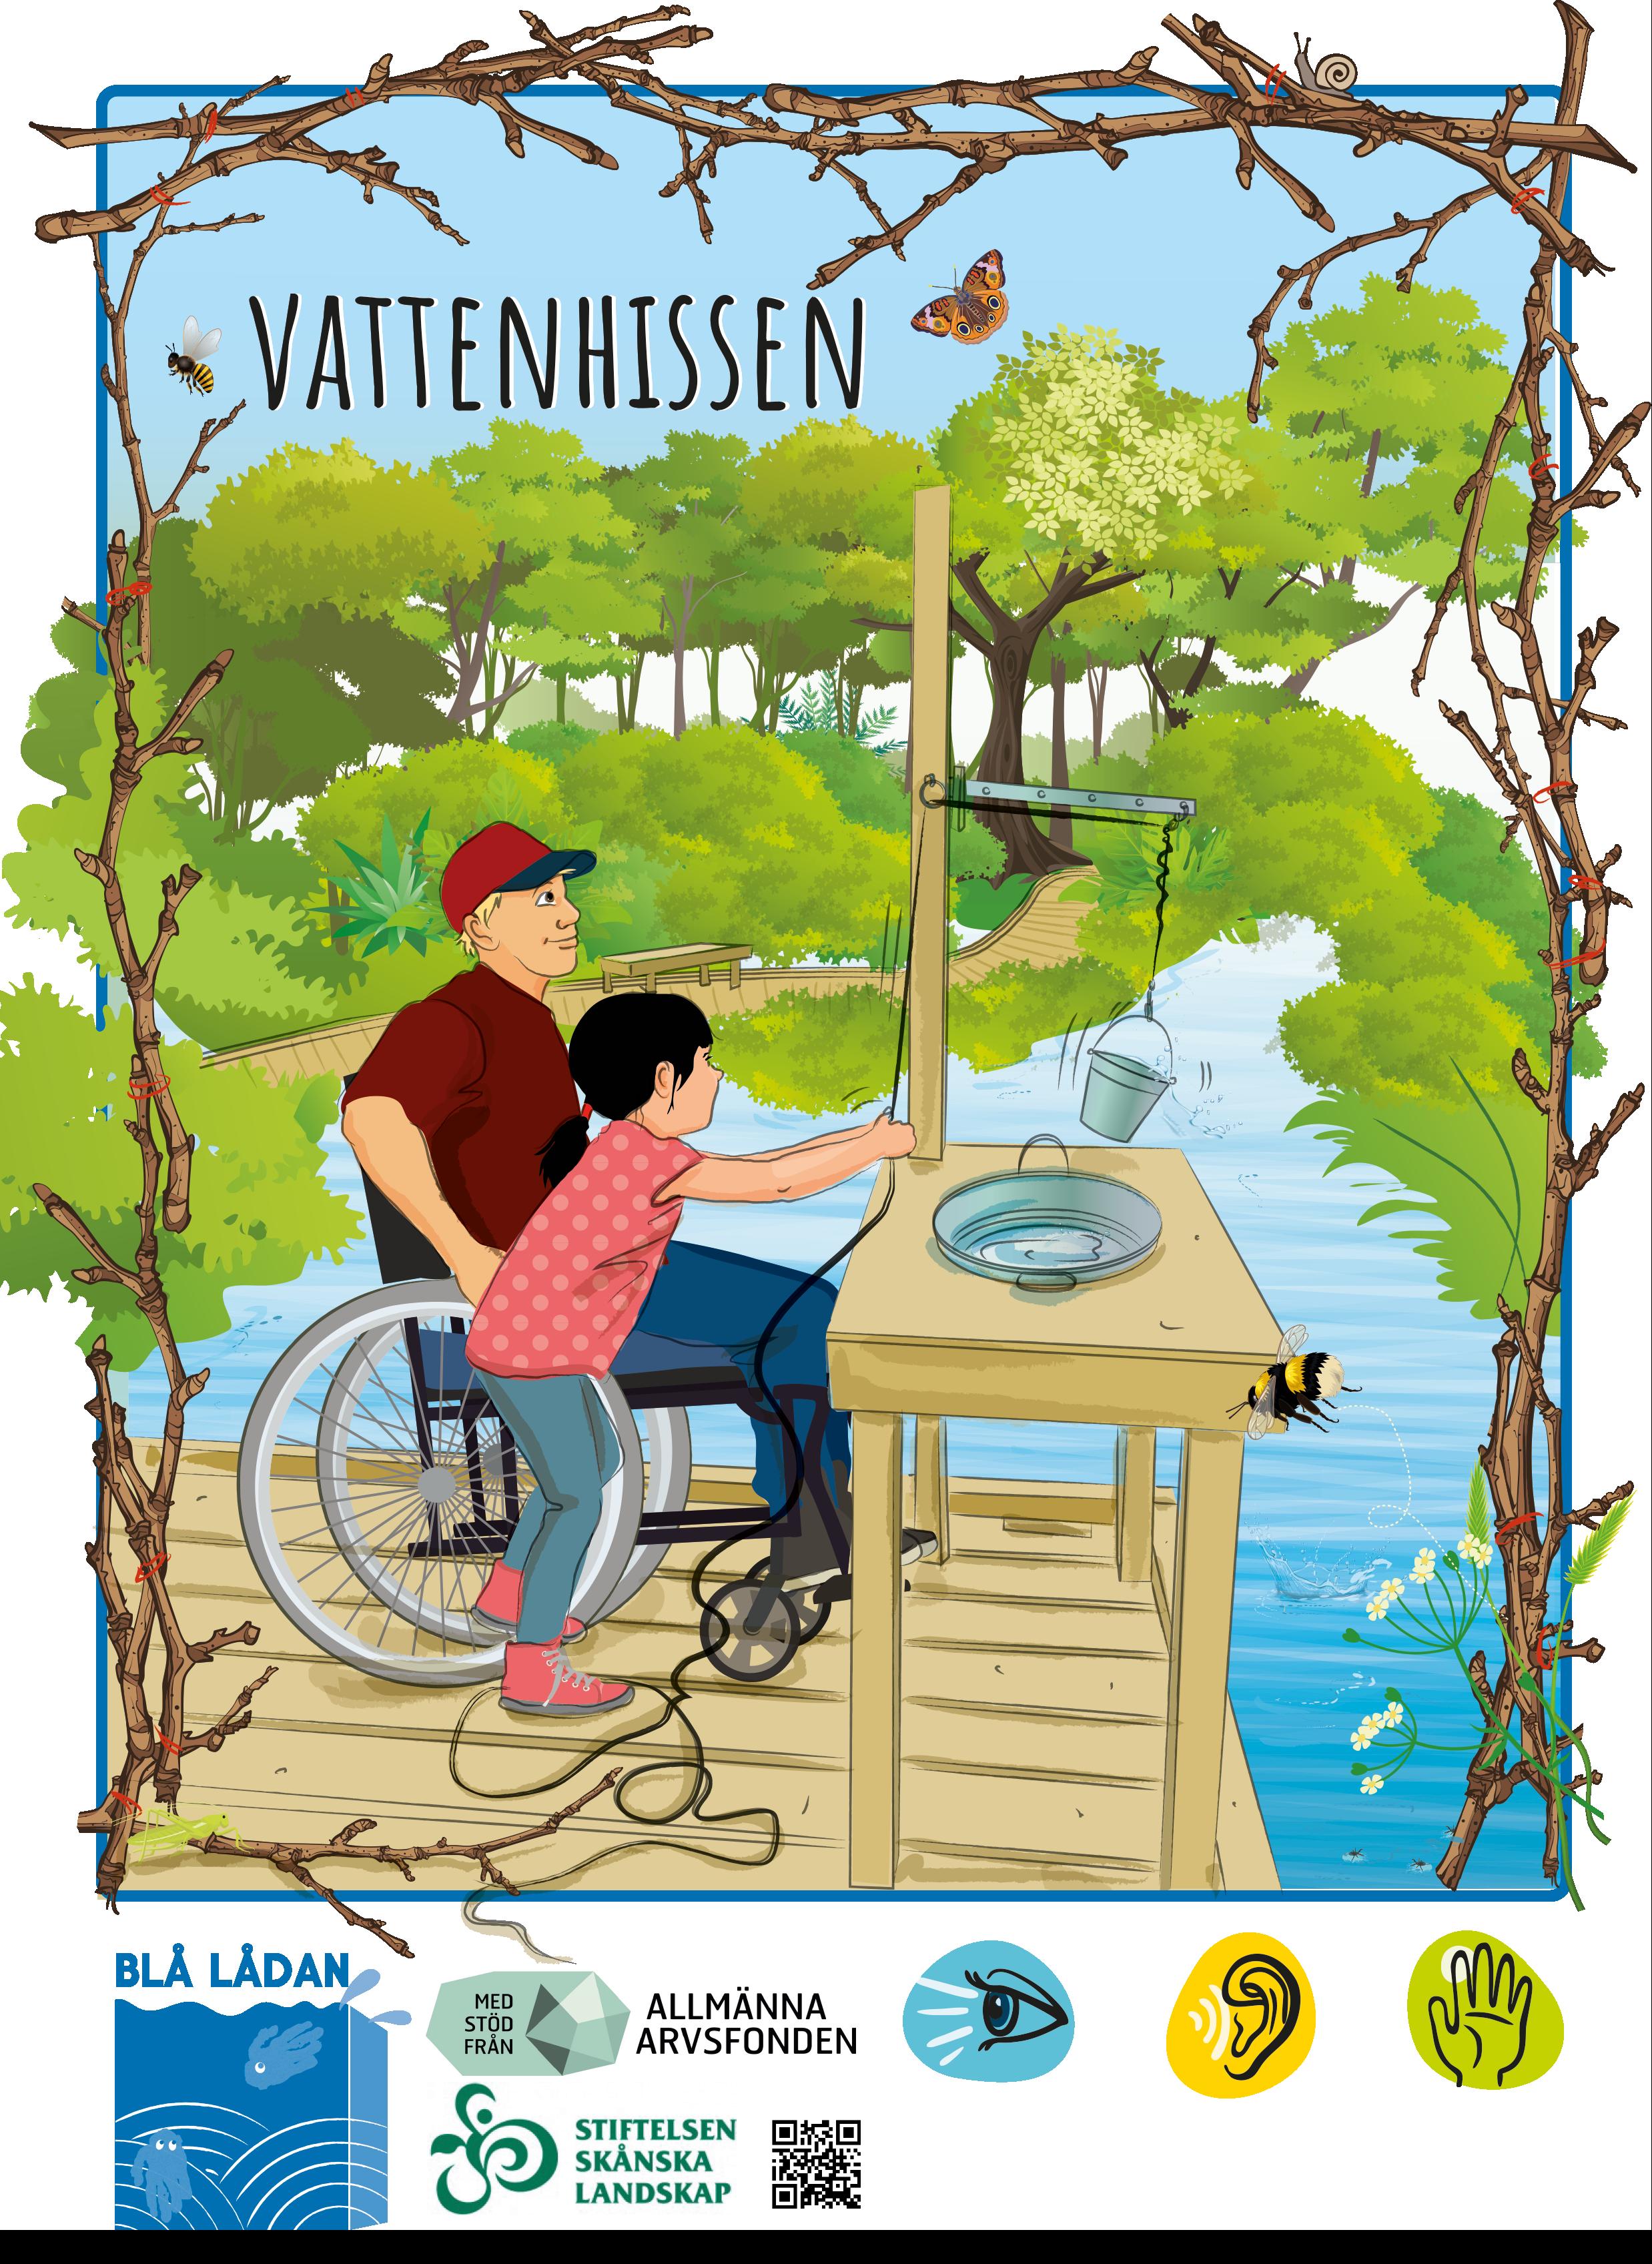 En liten flicka hissar upp en hink med vatten på en brygga i skogen tillsammans med en äldre man i rullstol